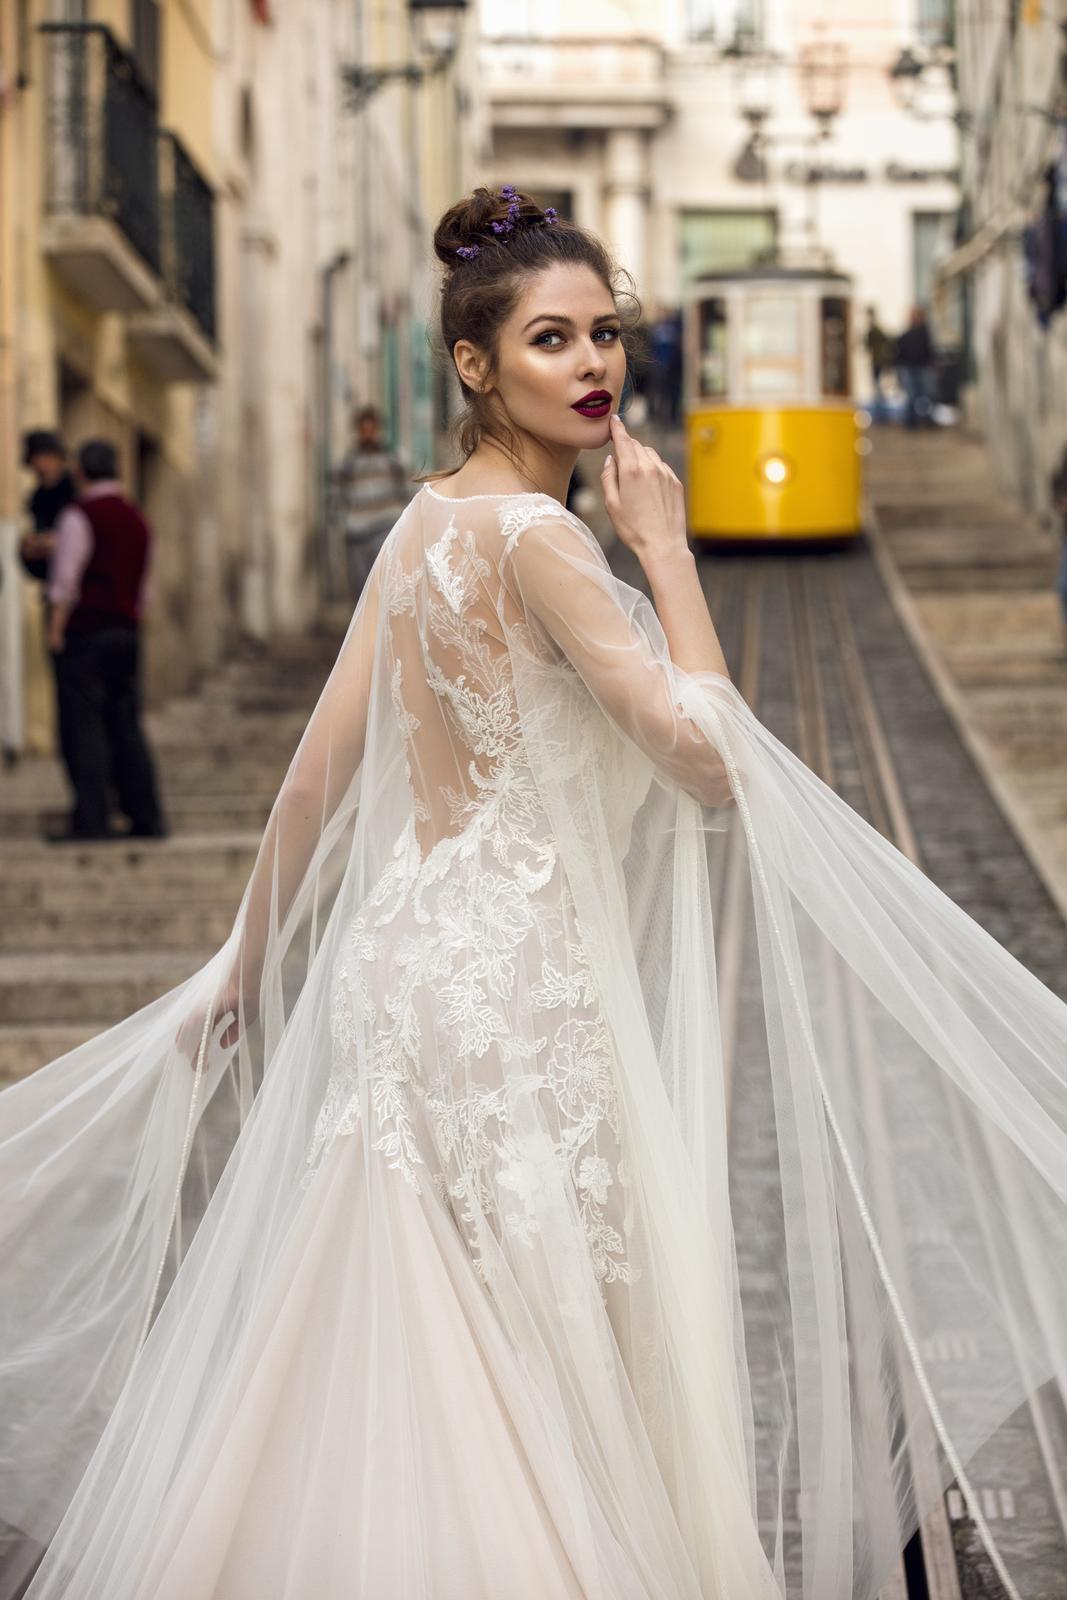 Svatební šaty Innocentia inspirované Lisabonem - Obrázek č. 21